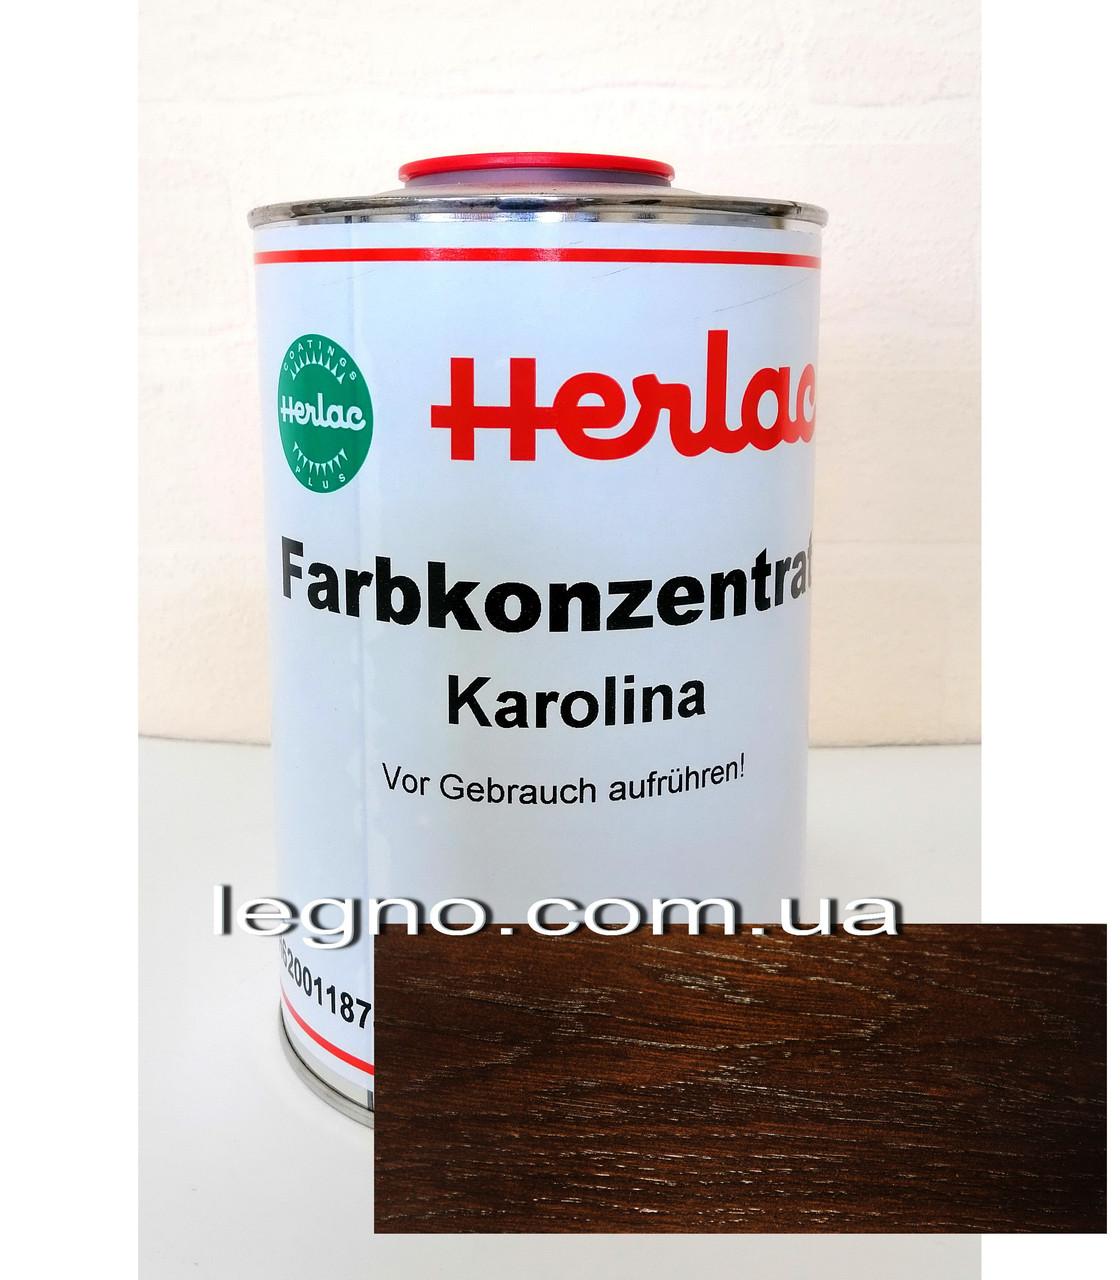 """Концентрат барвника Кароліна (Karolina) """"Герлак"""" (Herlac) - для підфарбовування лаків (лютофен), 1л, Німеччина"""